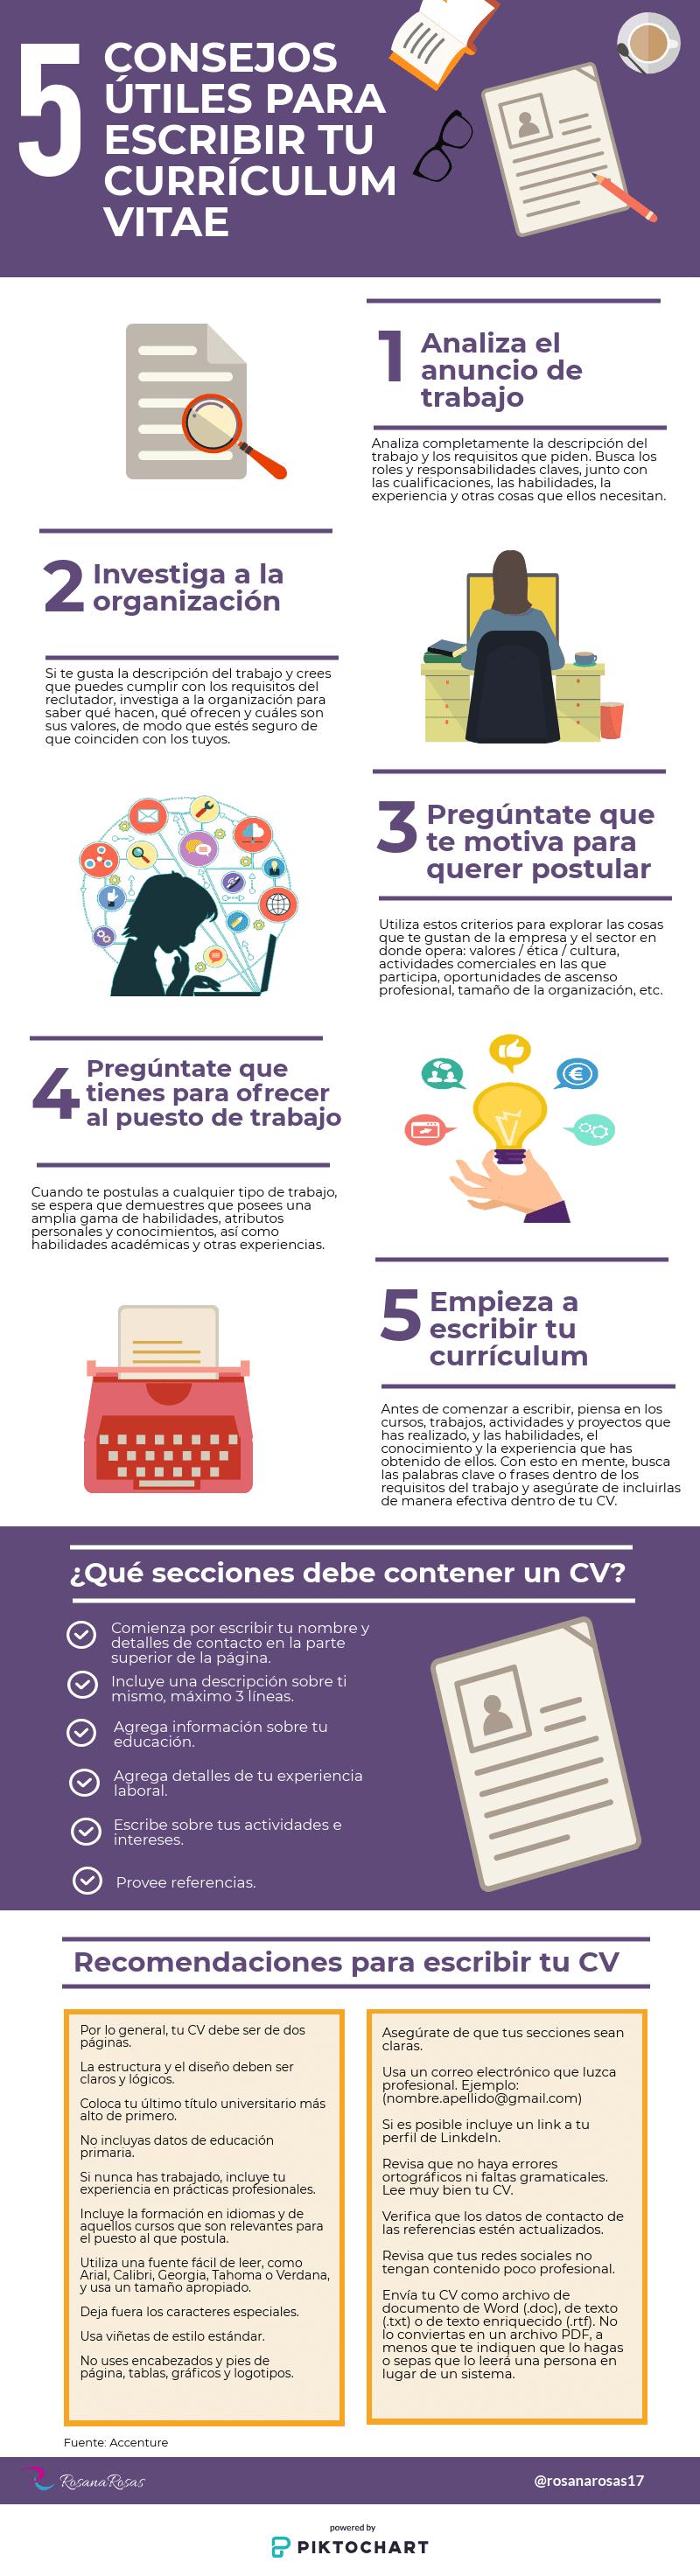 Algunos Consejos Para Redactar Tu Curriculum Vitae Infografia